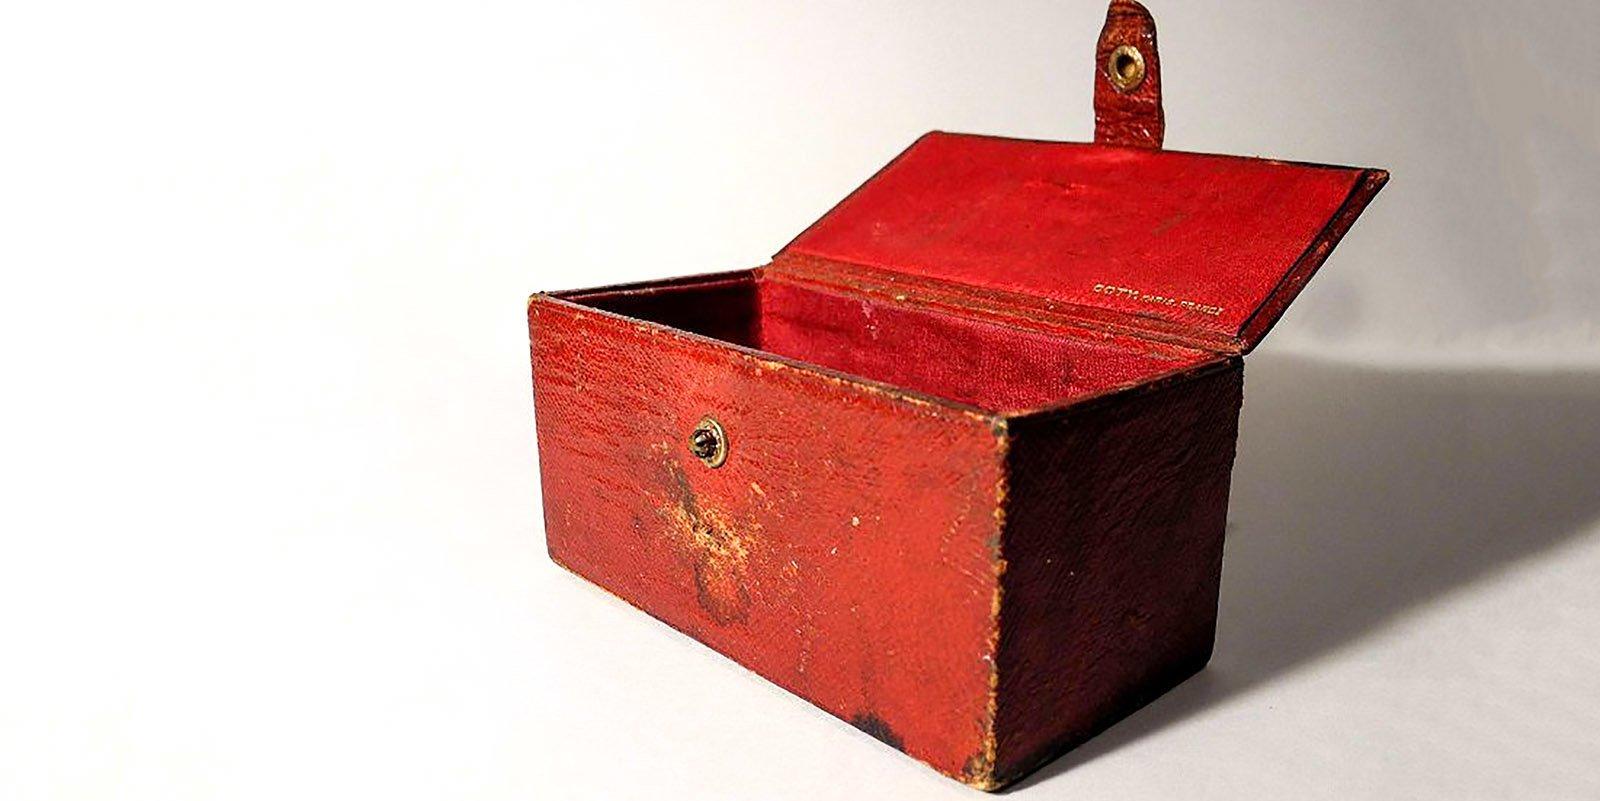 Коробочка из-под флакона духов Coty. Принадлежала матери М.А. Булгакова Варваре Михайловне. Конец XIX века